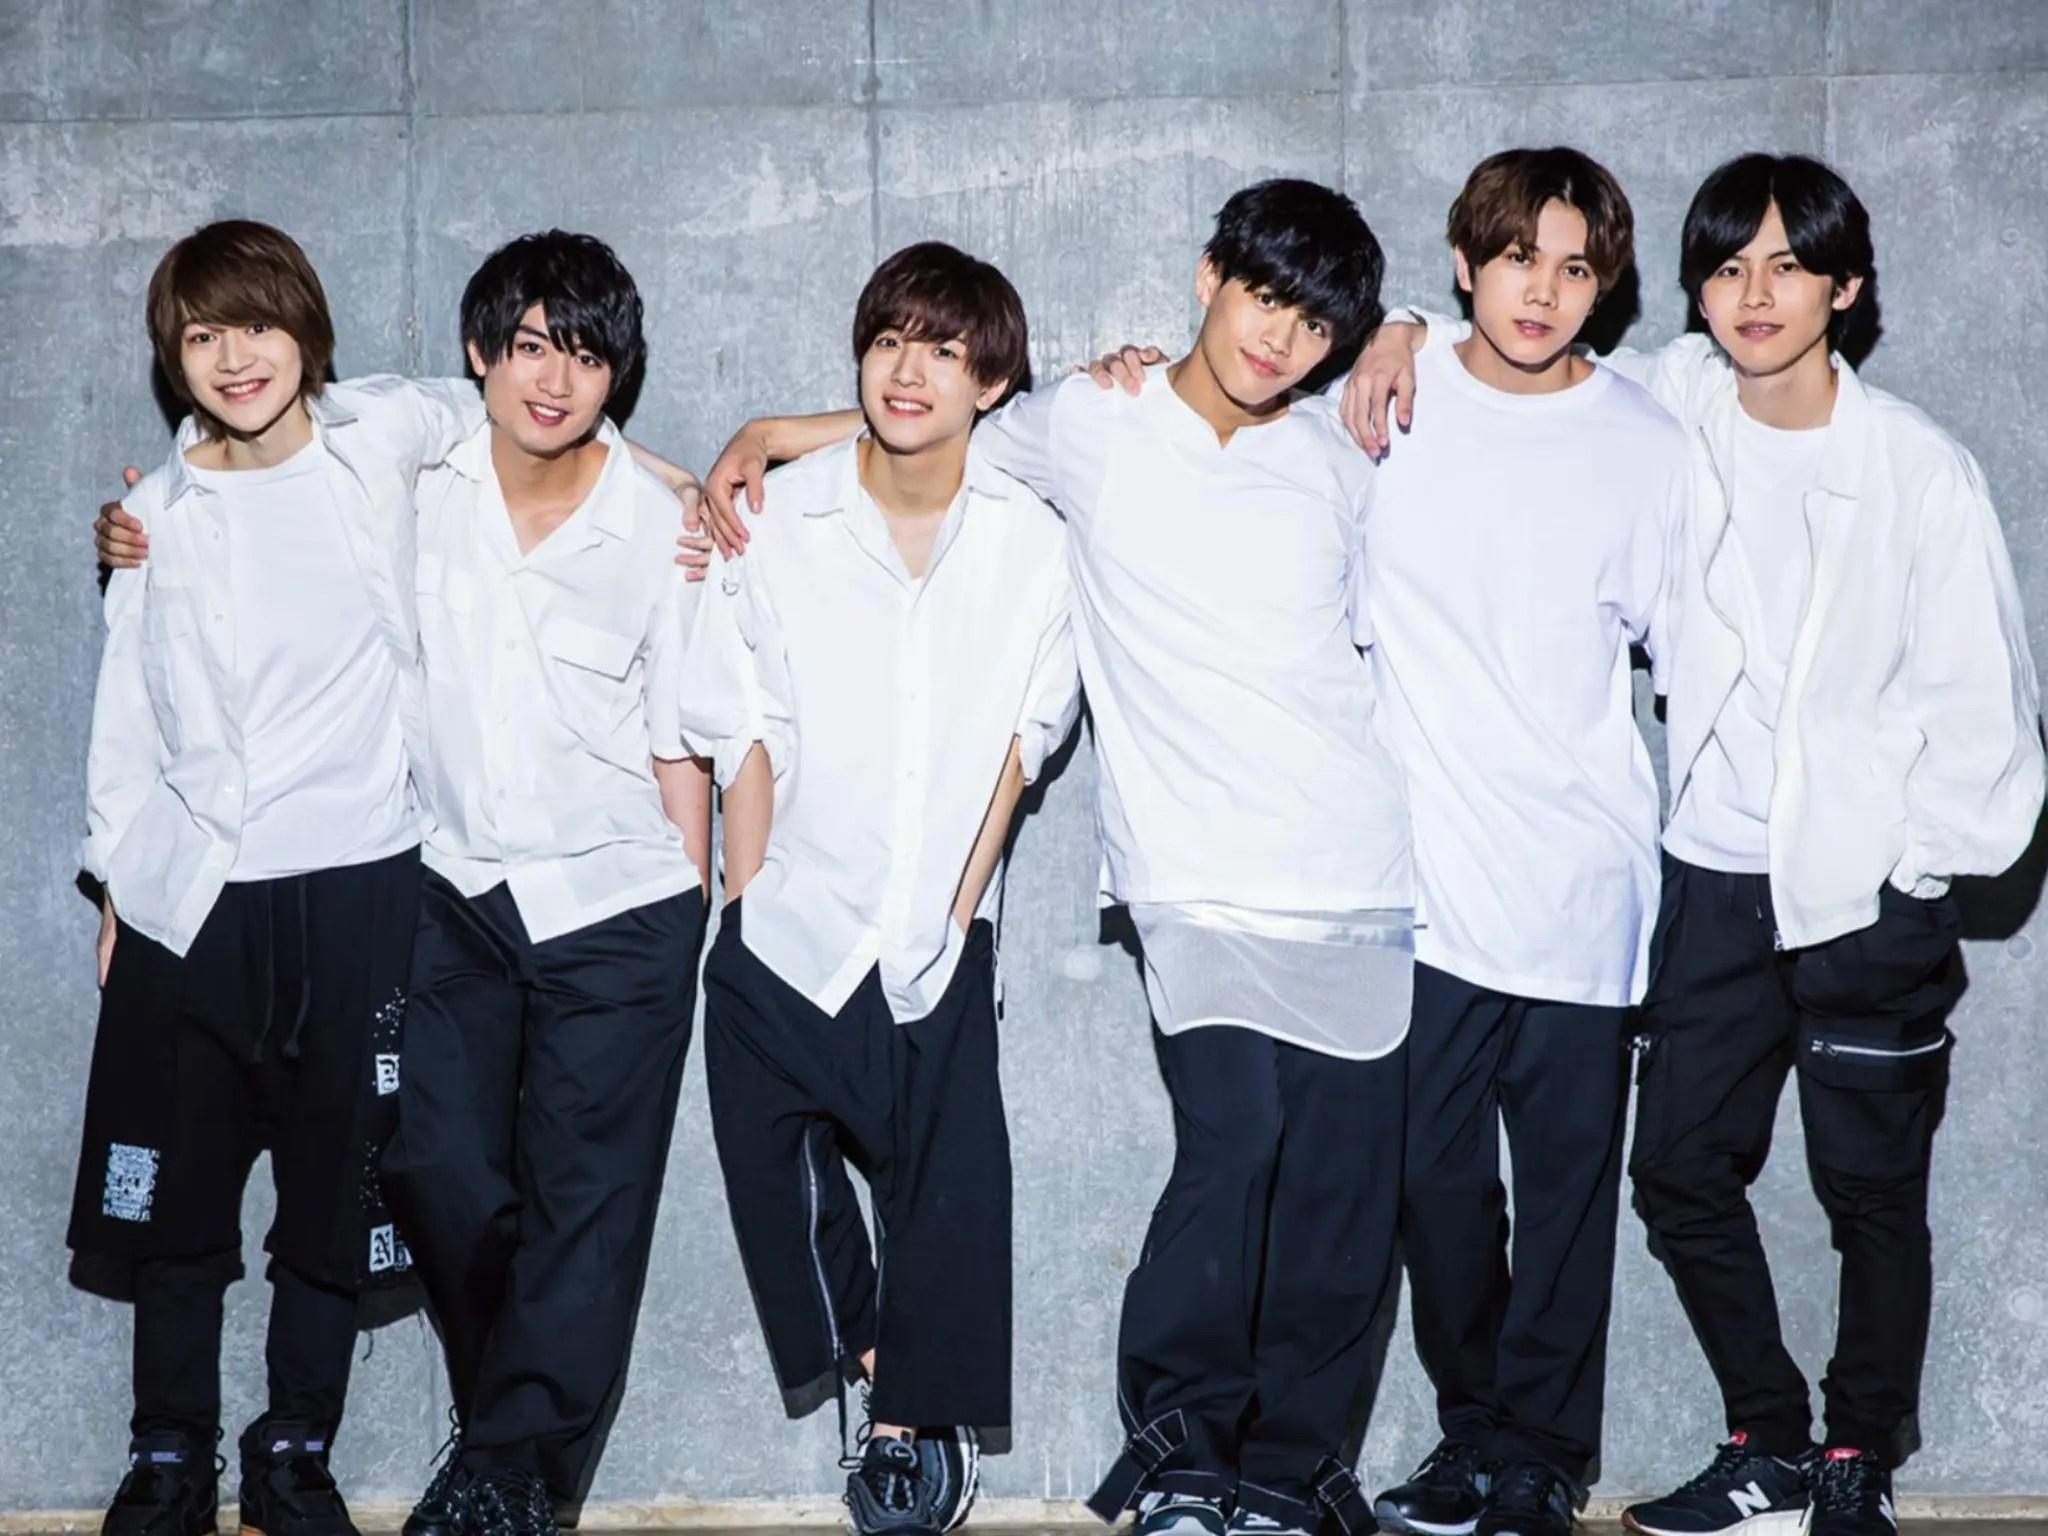 7MEN侍,メンバー,メンカラ,脱退,デビュー時期,デビューいつ